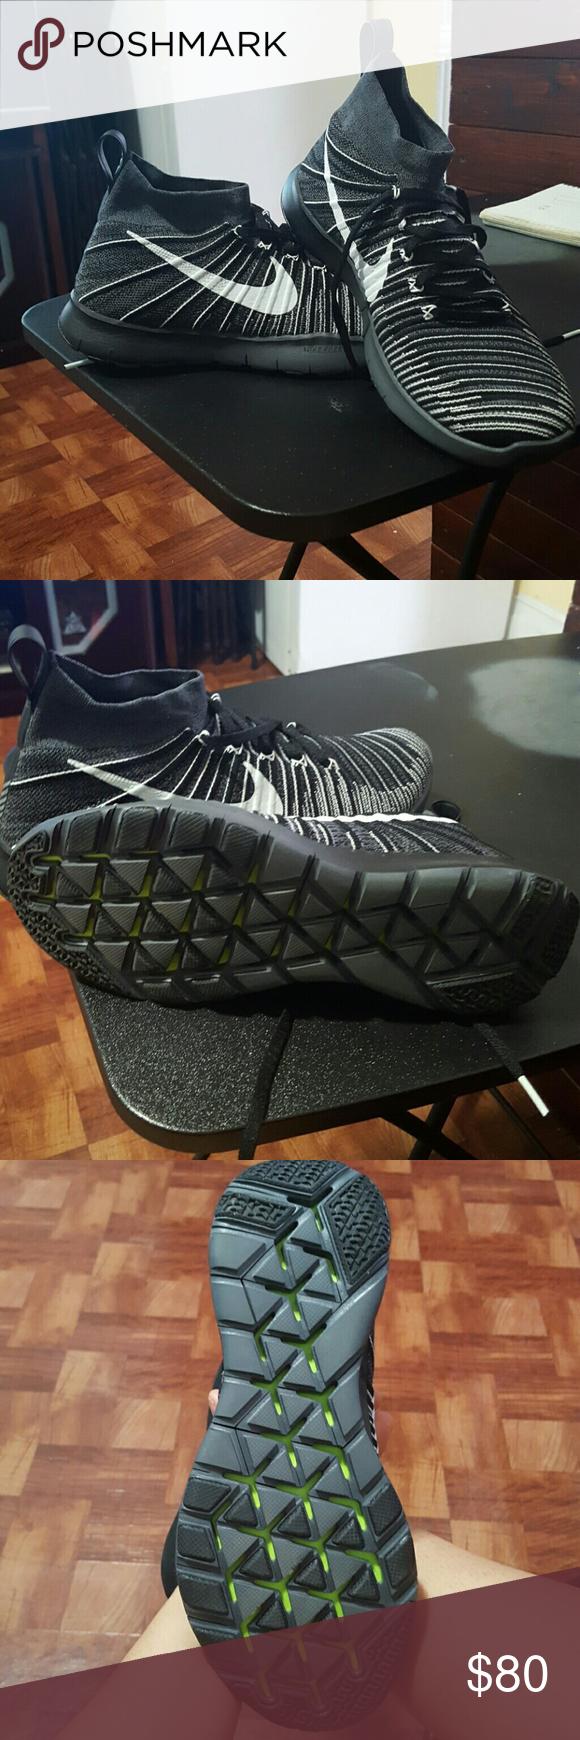 Nike training lift run jump cut sneakers